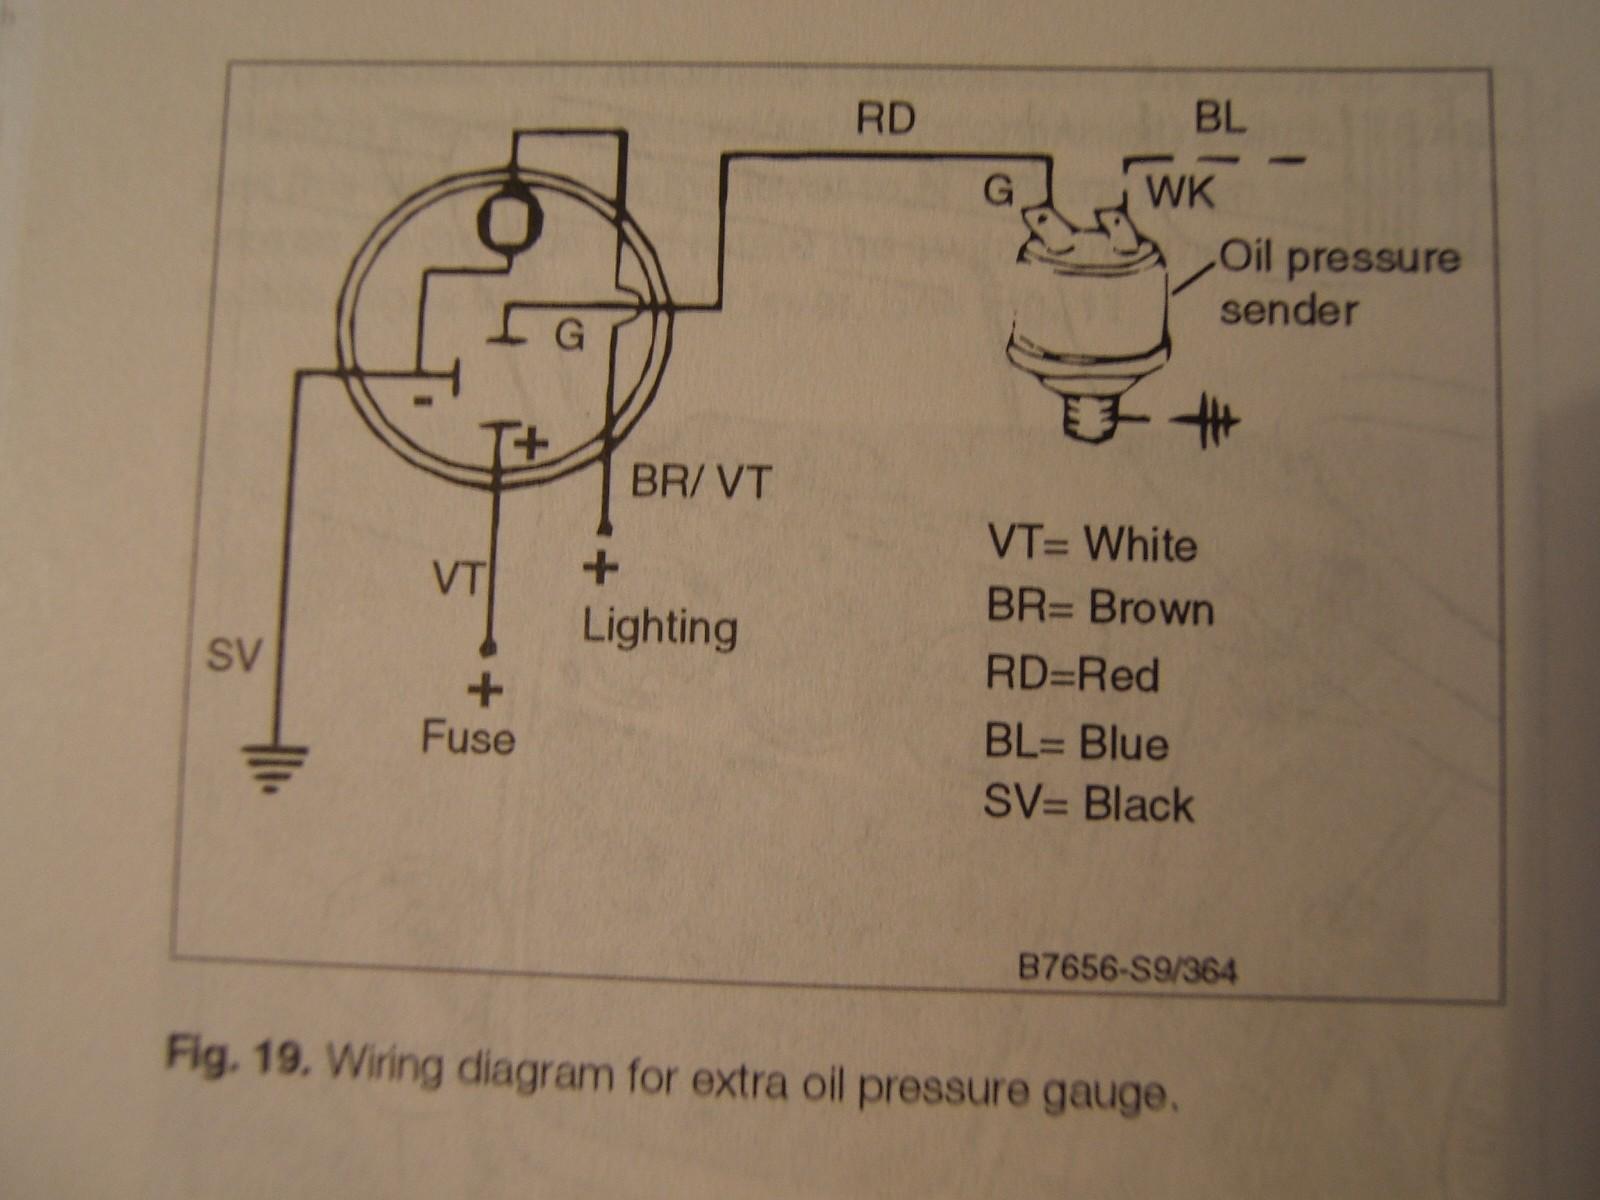 Vdo Oil Pressure Gauge Wiring Schematic